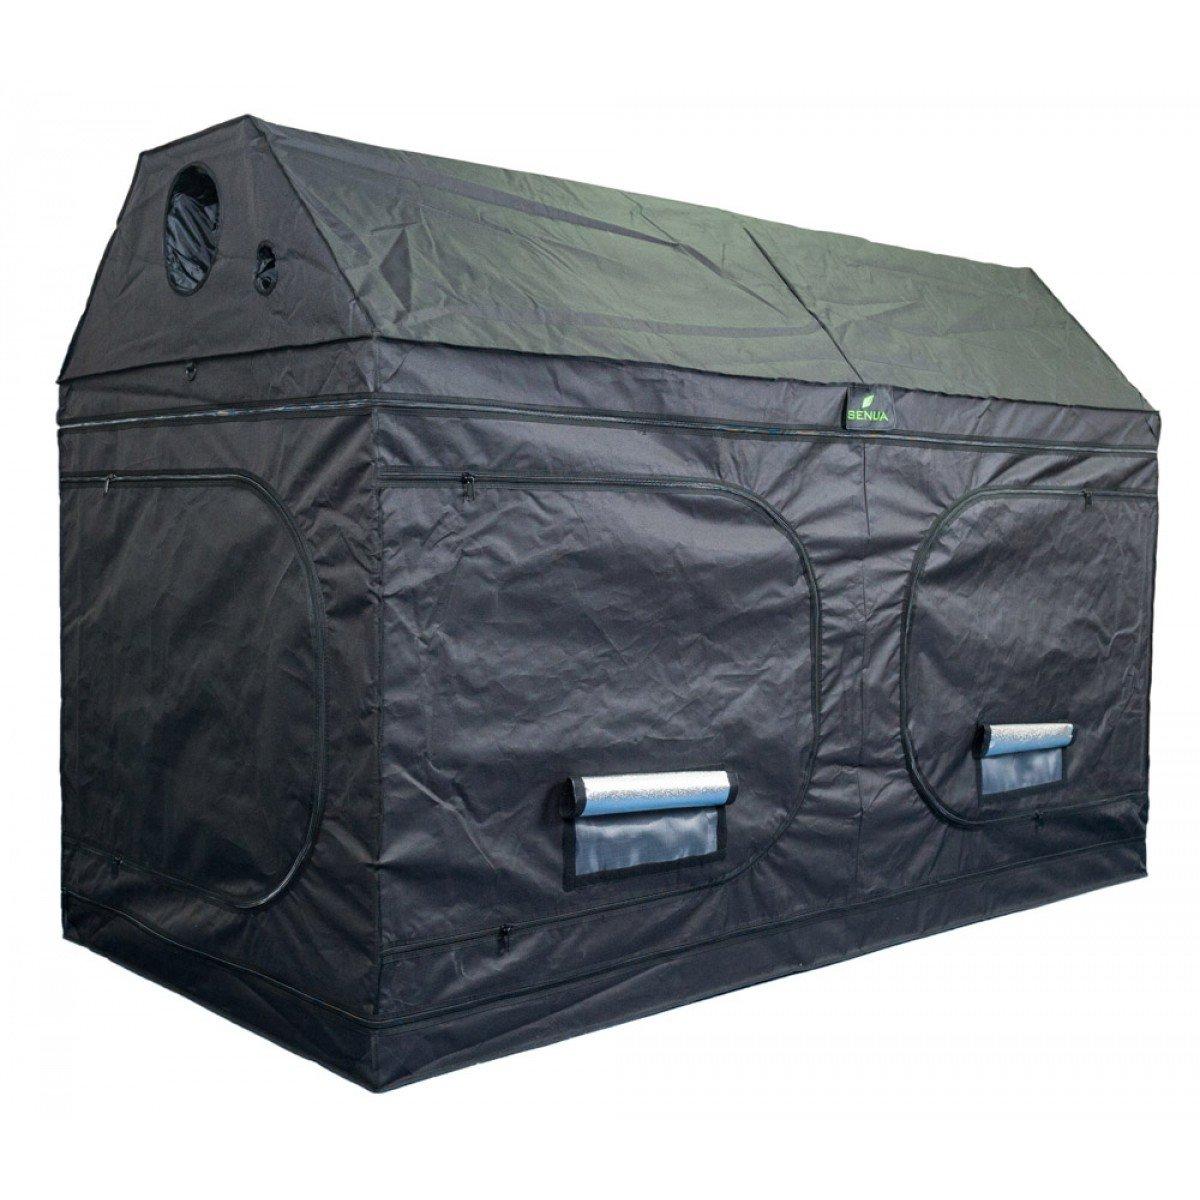 Senua Dachboden Grow Zelt Loft 240 x 120 x 160 cm 600D Mylar Innen Box Hydrokultur Dachboden wächst Zelt